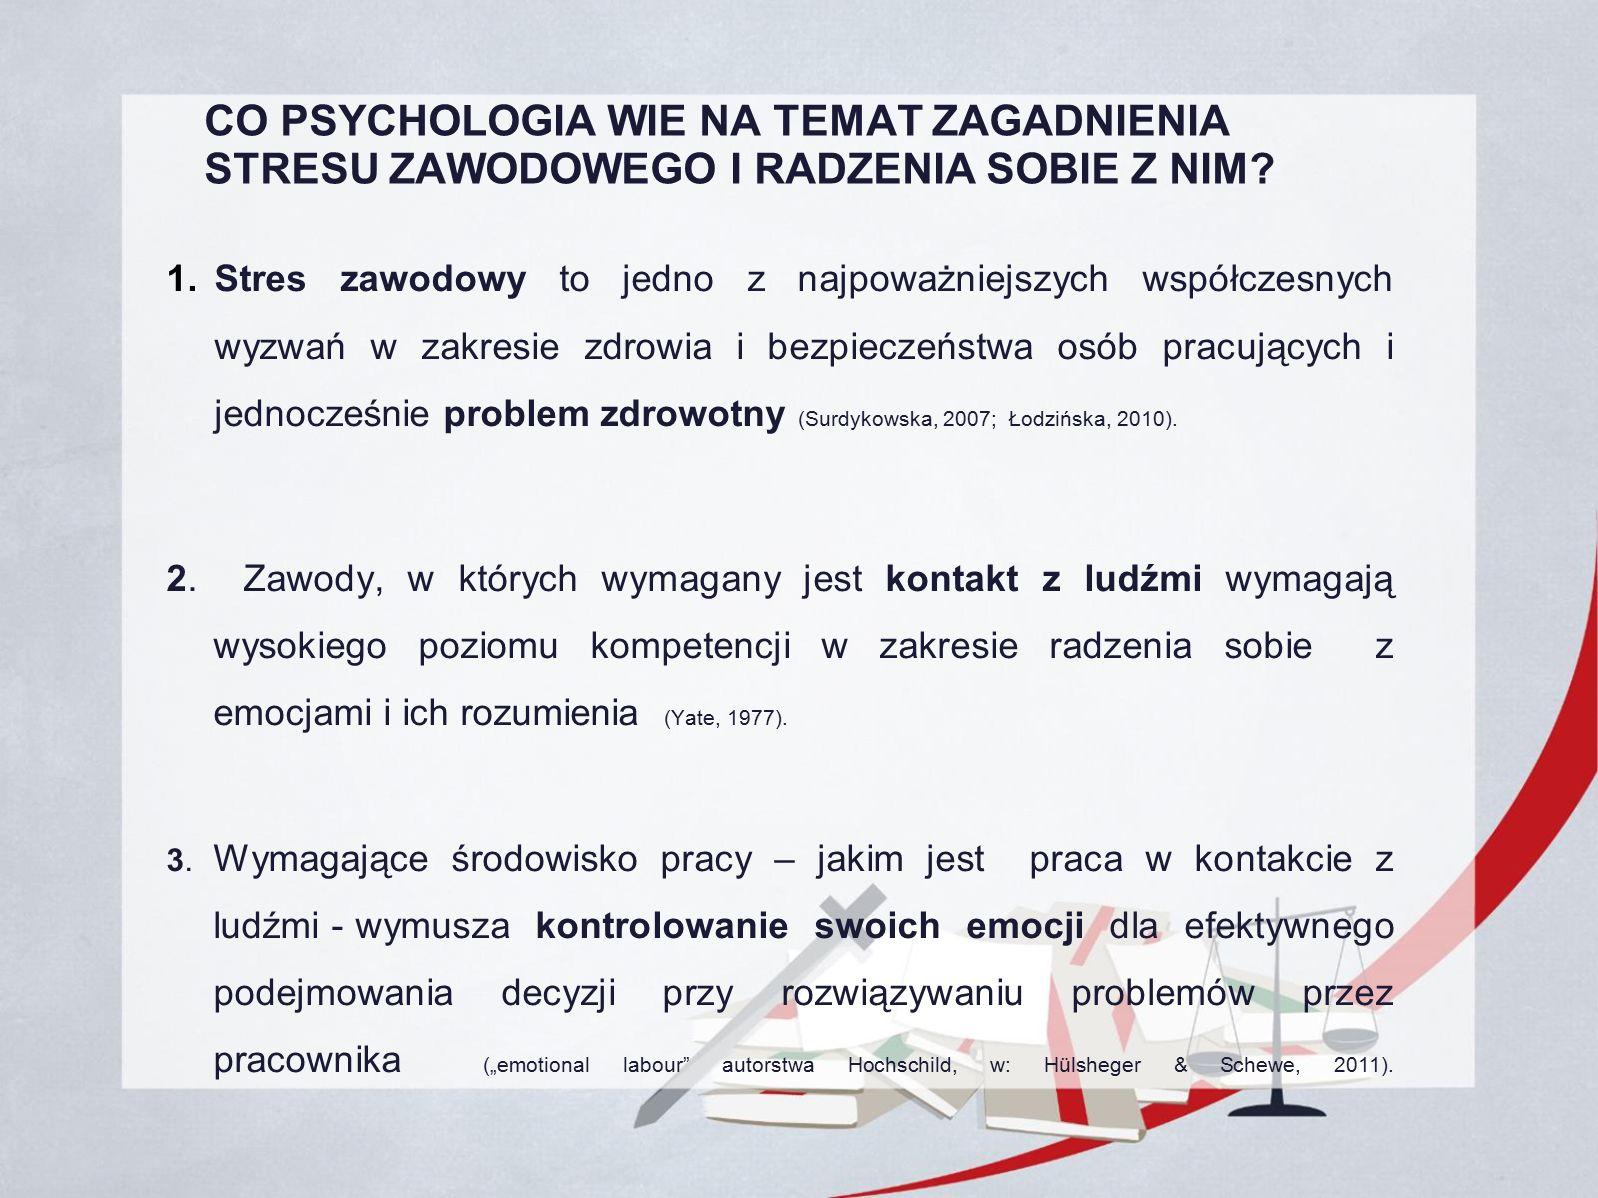 CO PSYCHOLOGIA WIE NA TEMAT ZAGADNIENIA STRESU ZAWODOWEGO I RADZENIA SOBIE Z NIM.